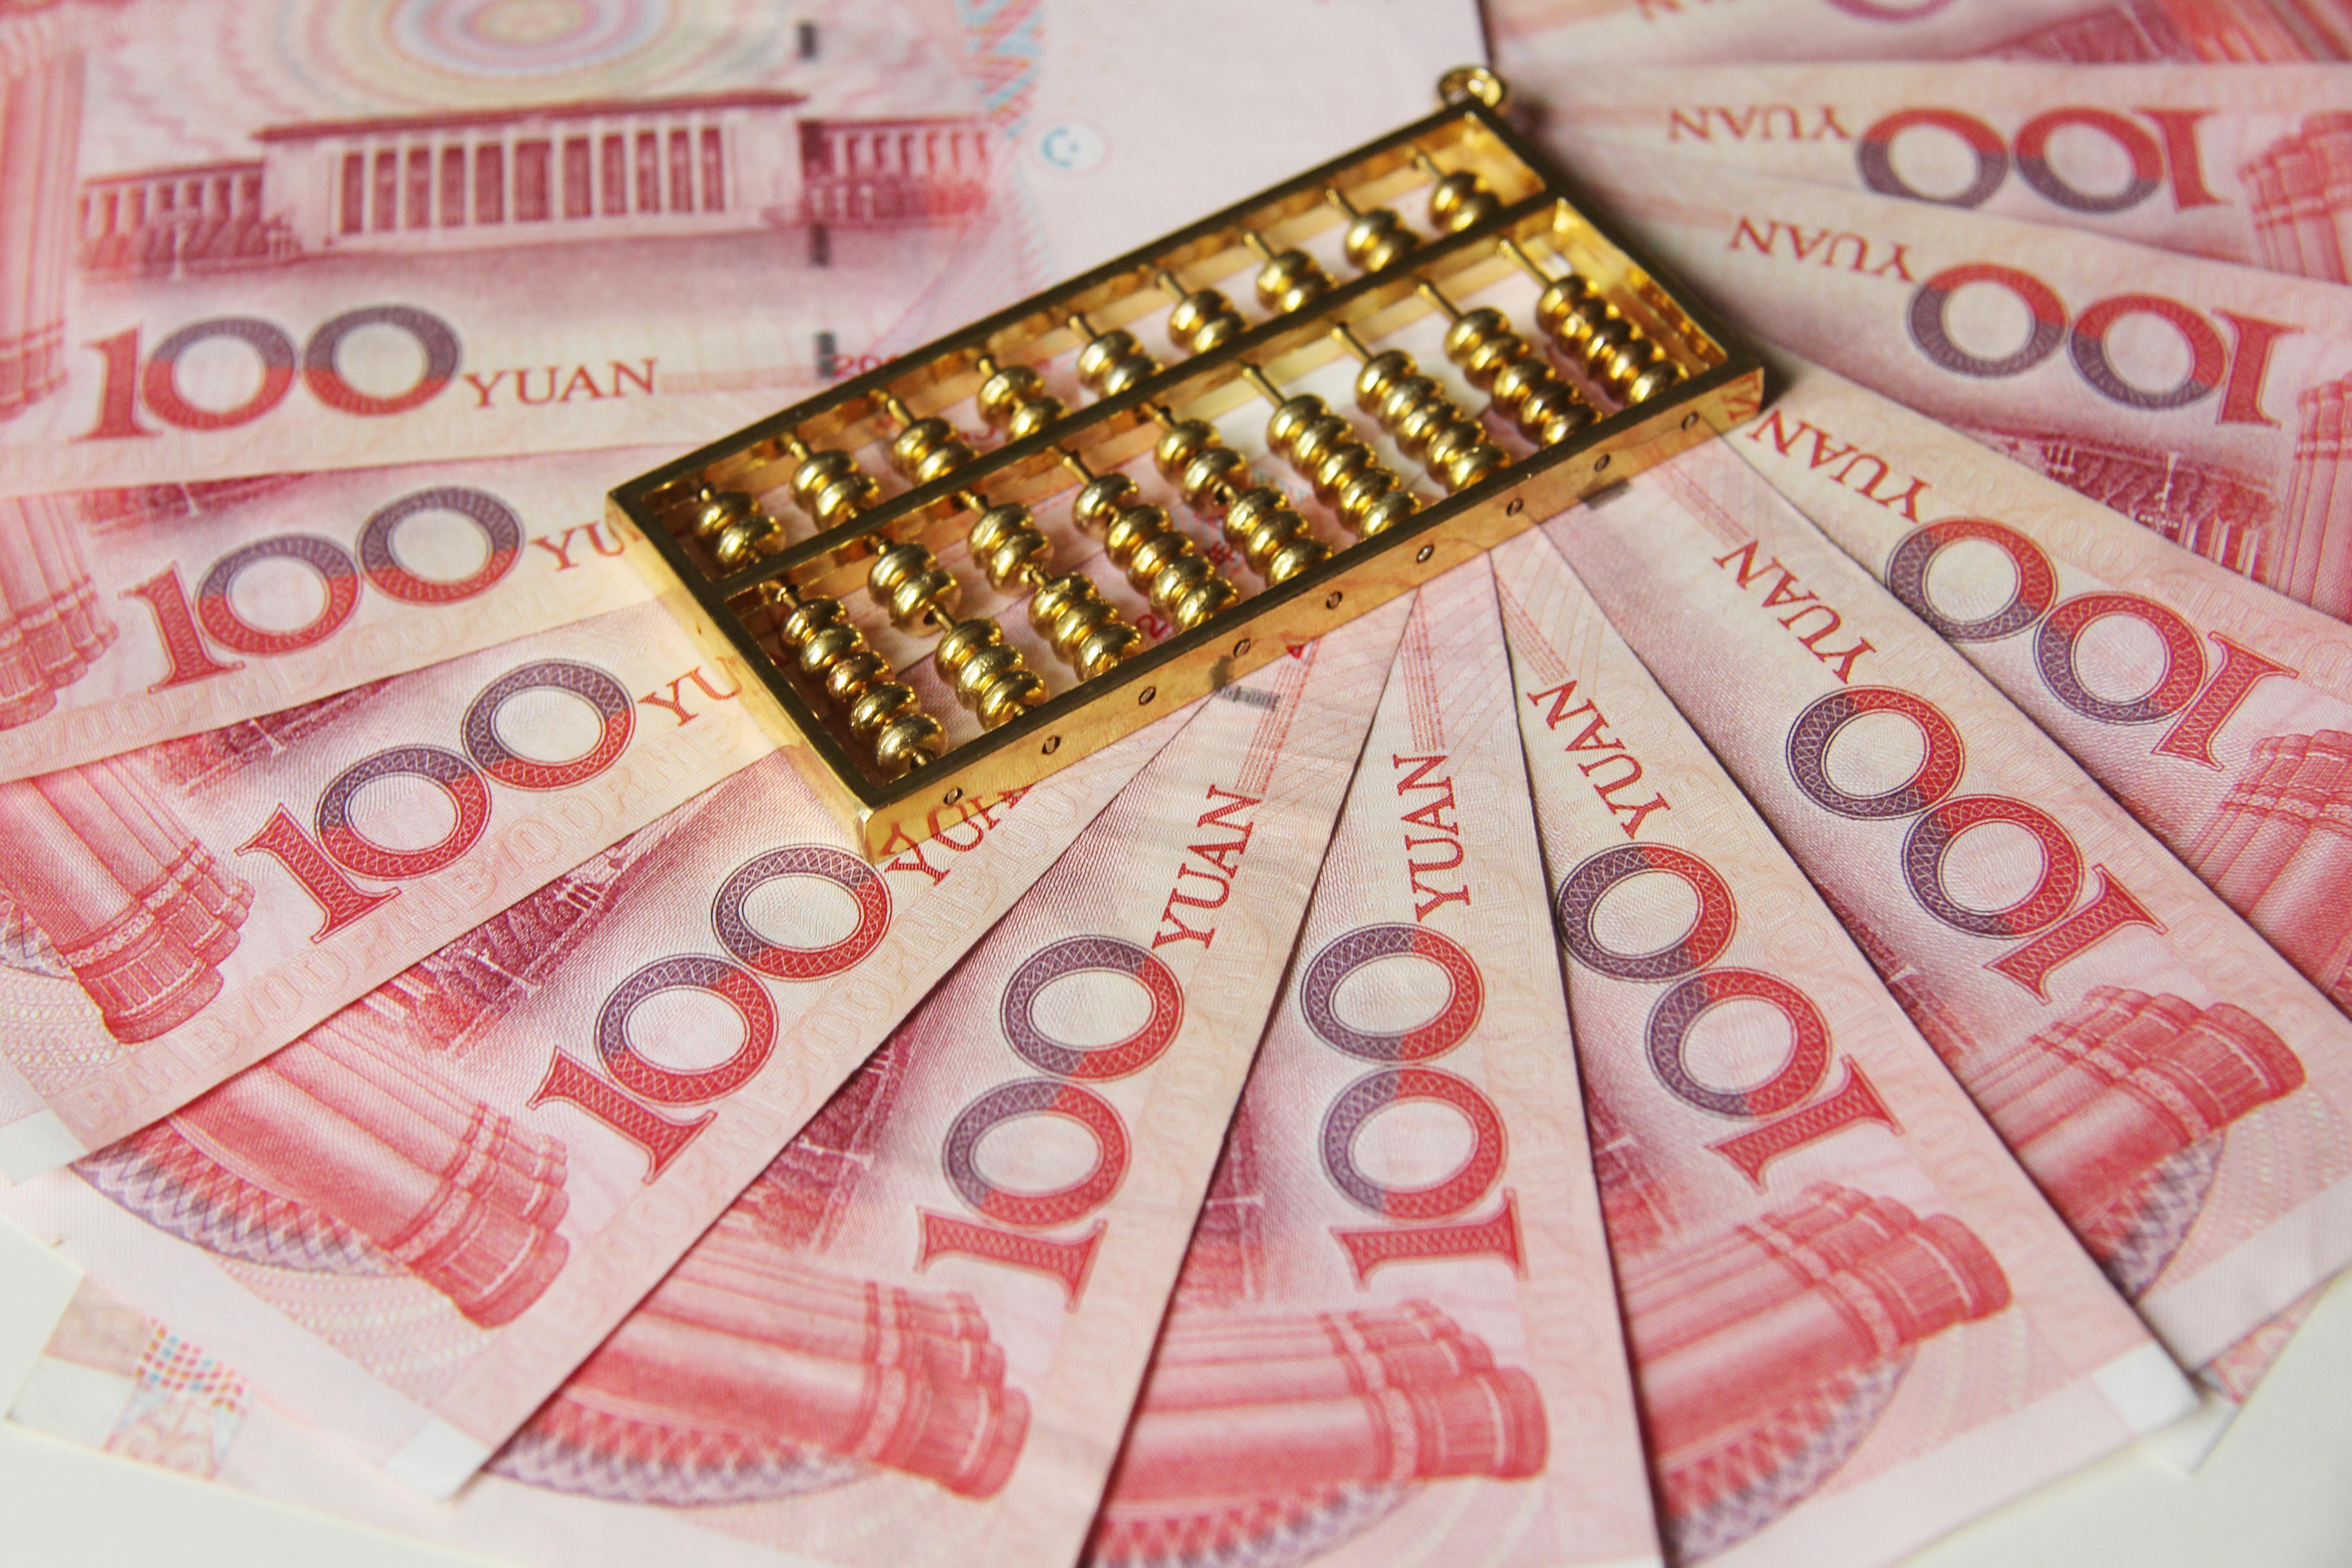 人民币中间价创逾一年新高_业内称短期仍有升值空间